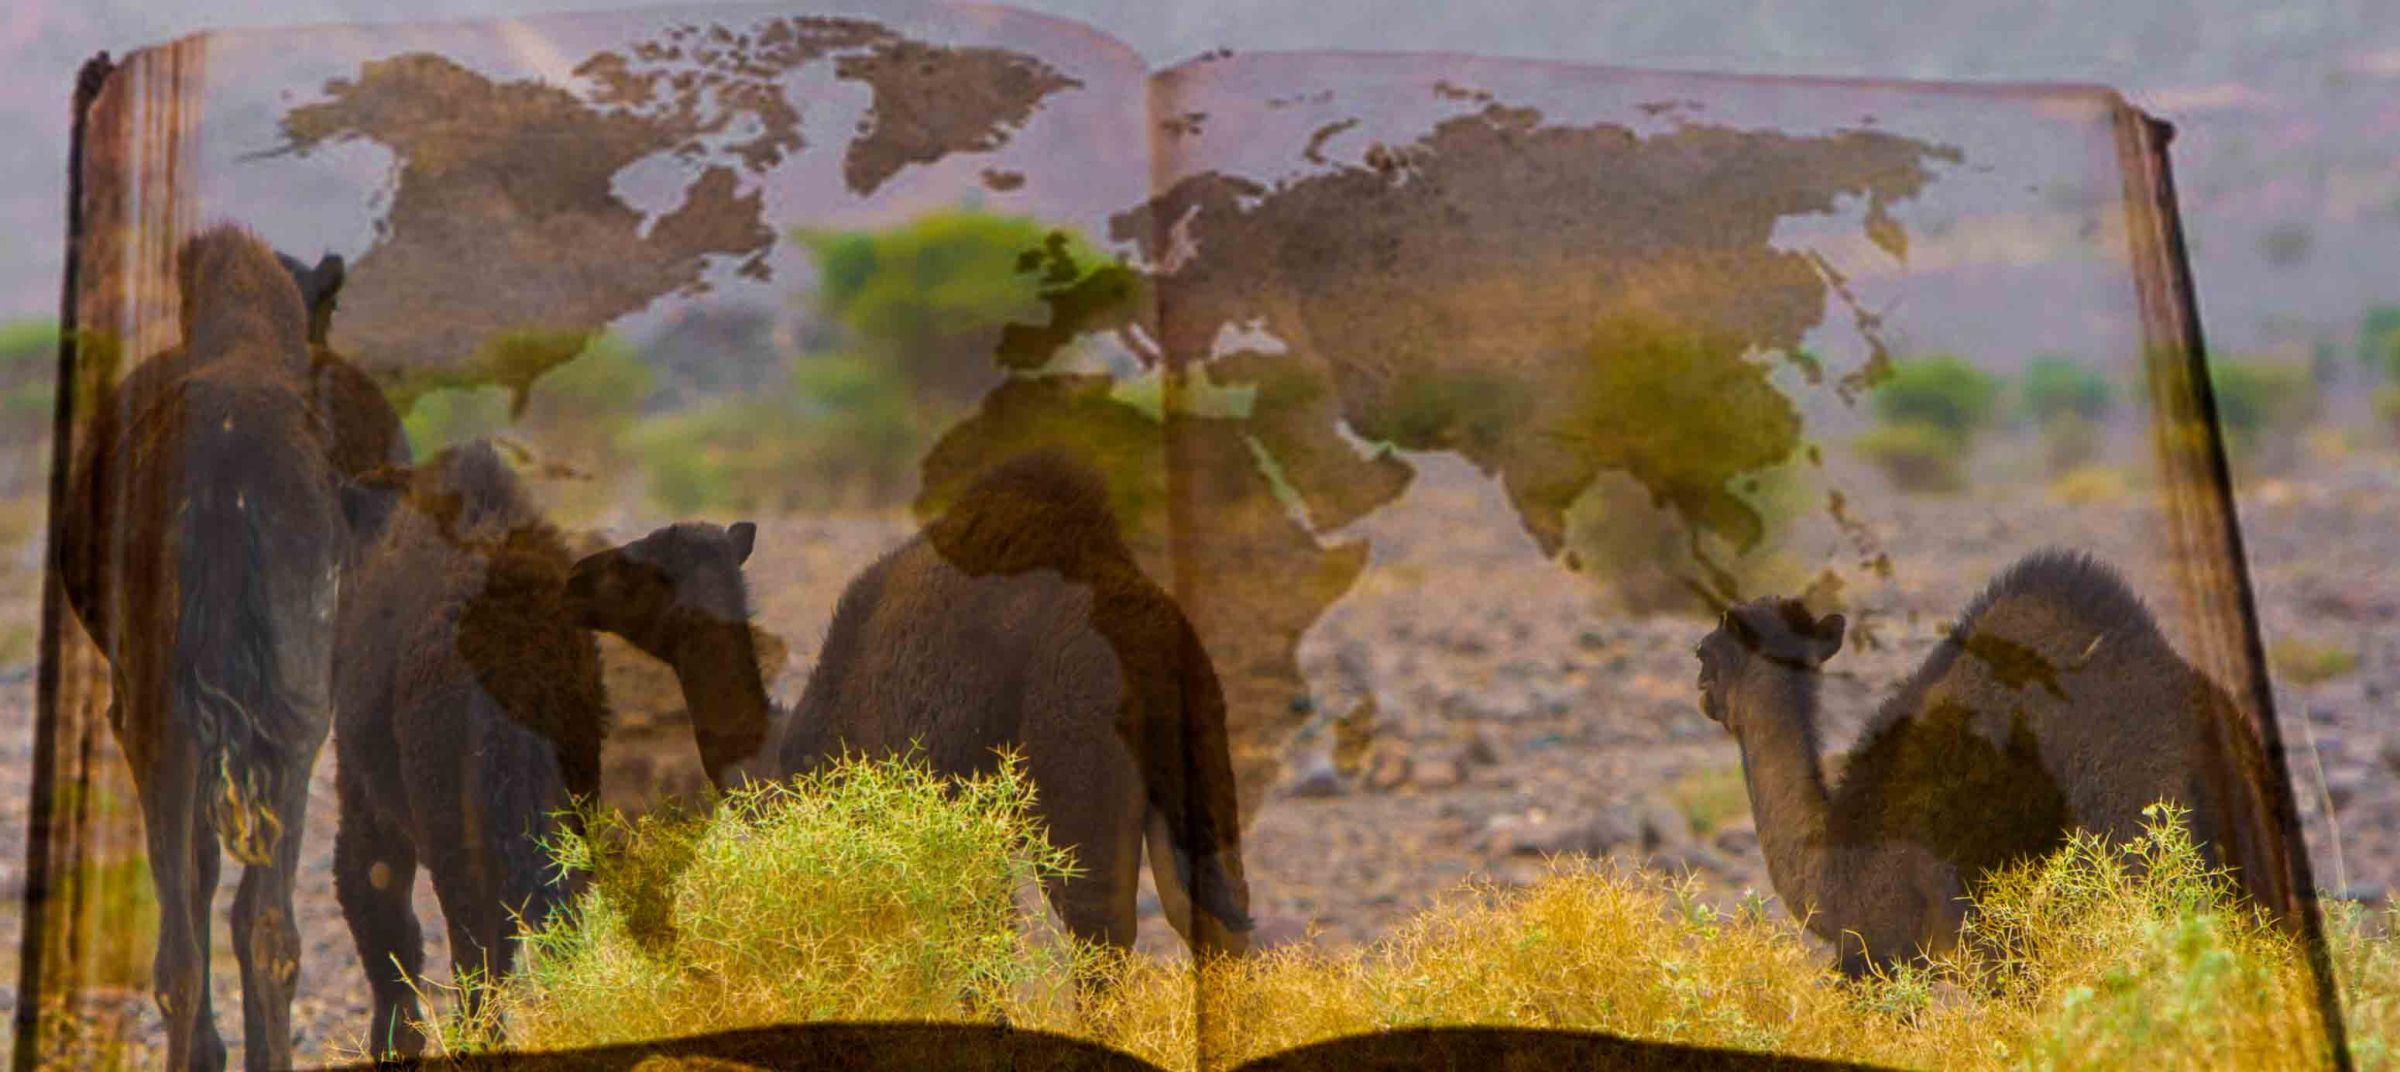 Manual de Viaje, mochilero, aventura, turismo responsable.